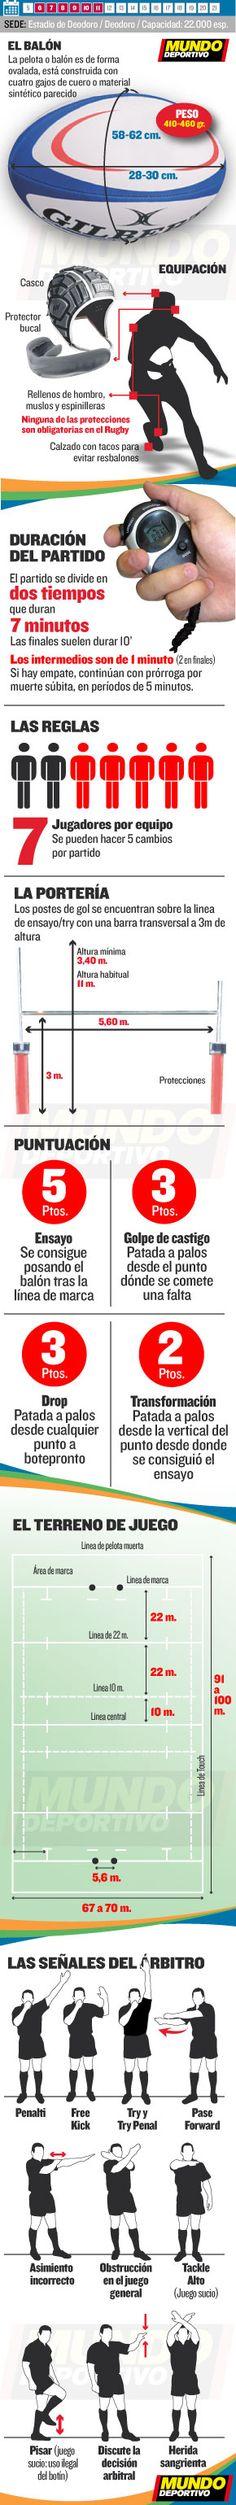 Rugby 7 en las Olimpíadas de Río 2016. Las reglas básicas del Rugby 7, el calendario y toda la competición en mundodeportivo.com